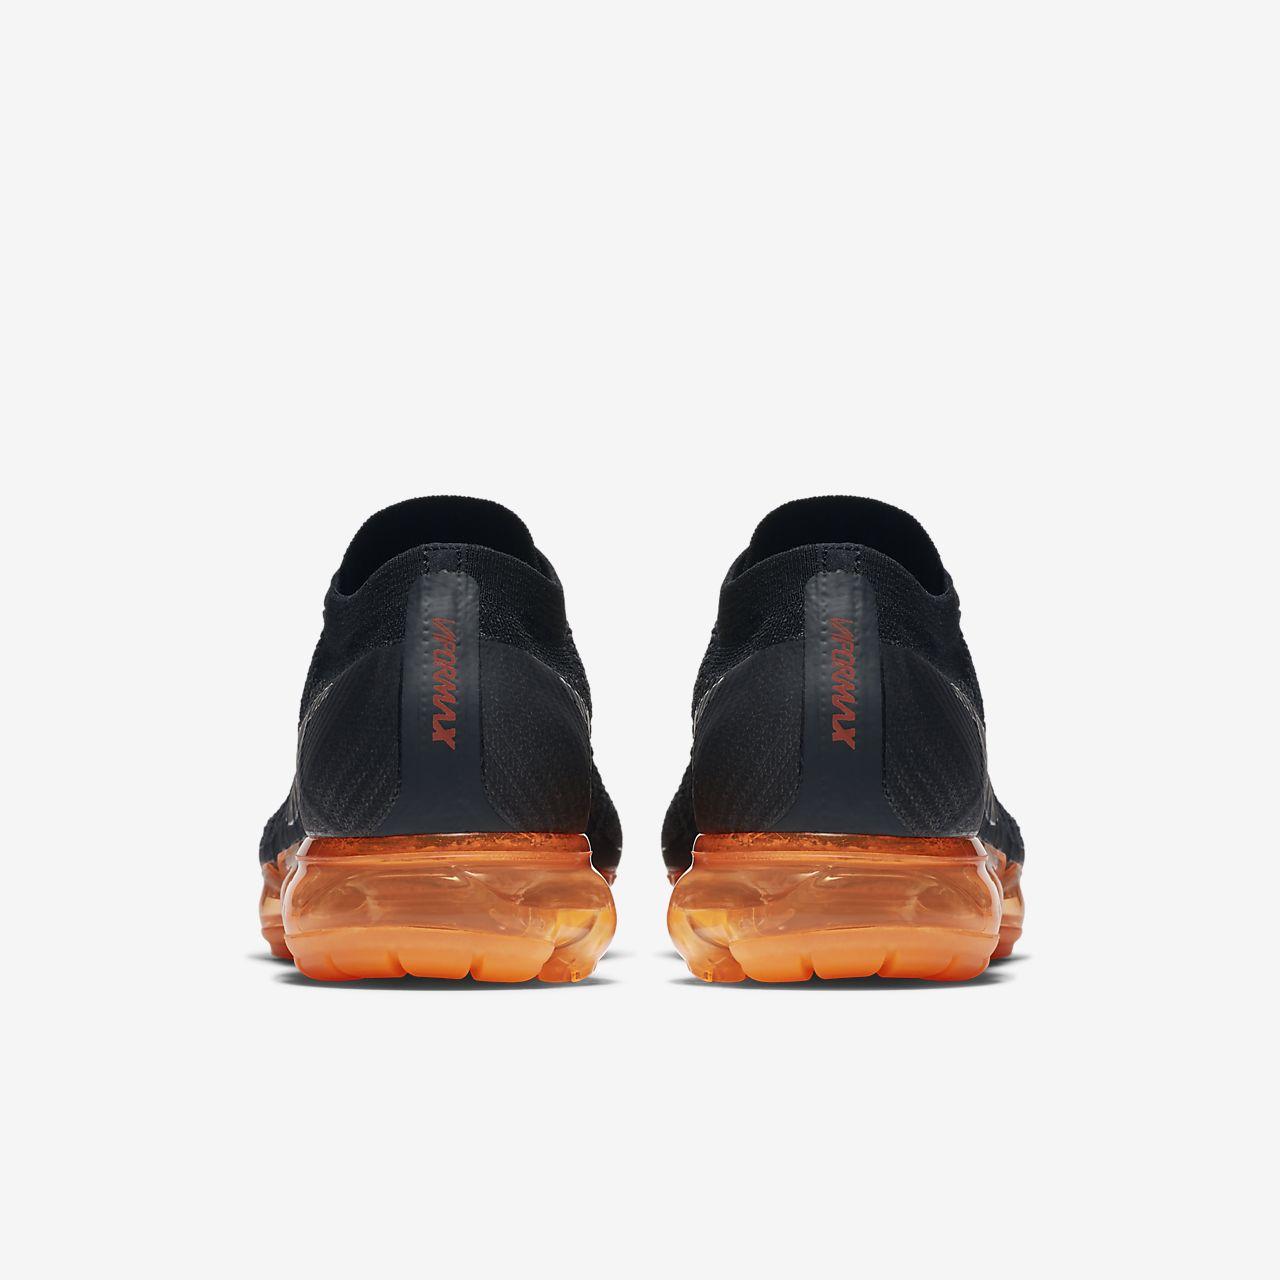 Nike Air Vapormax Flyknit Anthracite/Rush Orange Men's Shoe